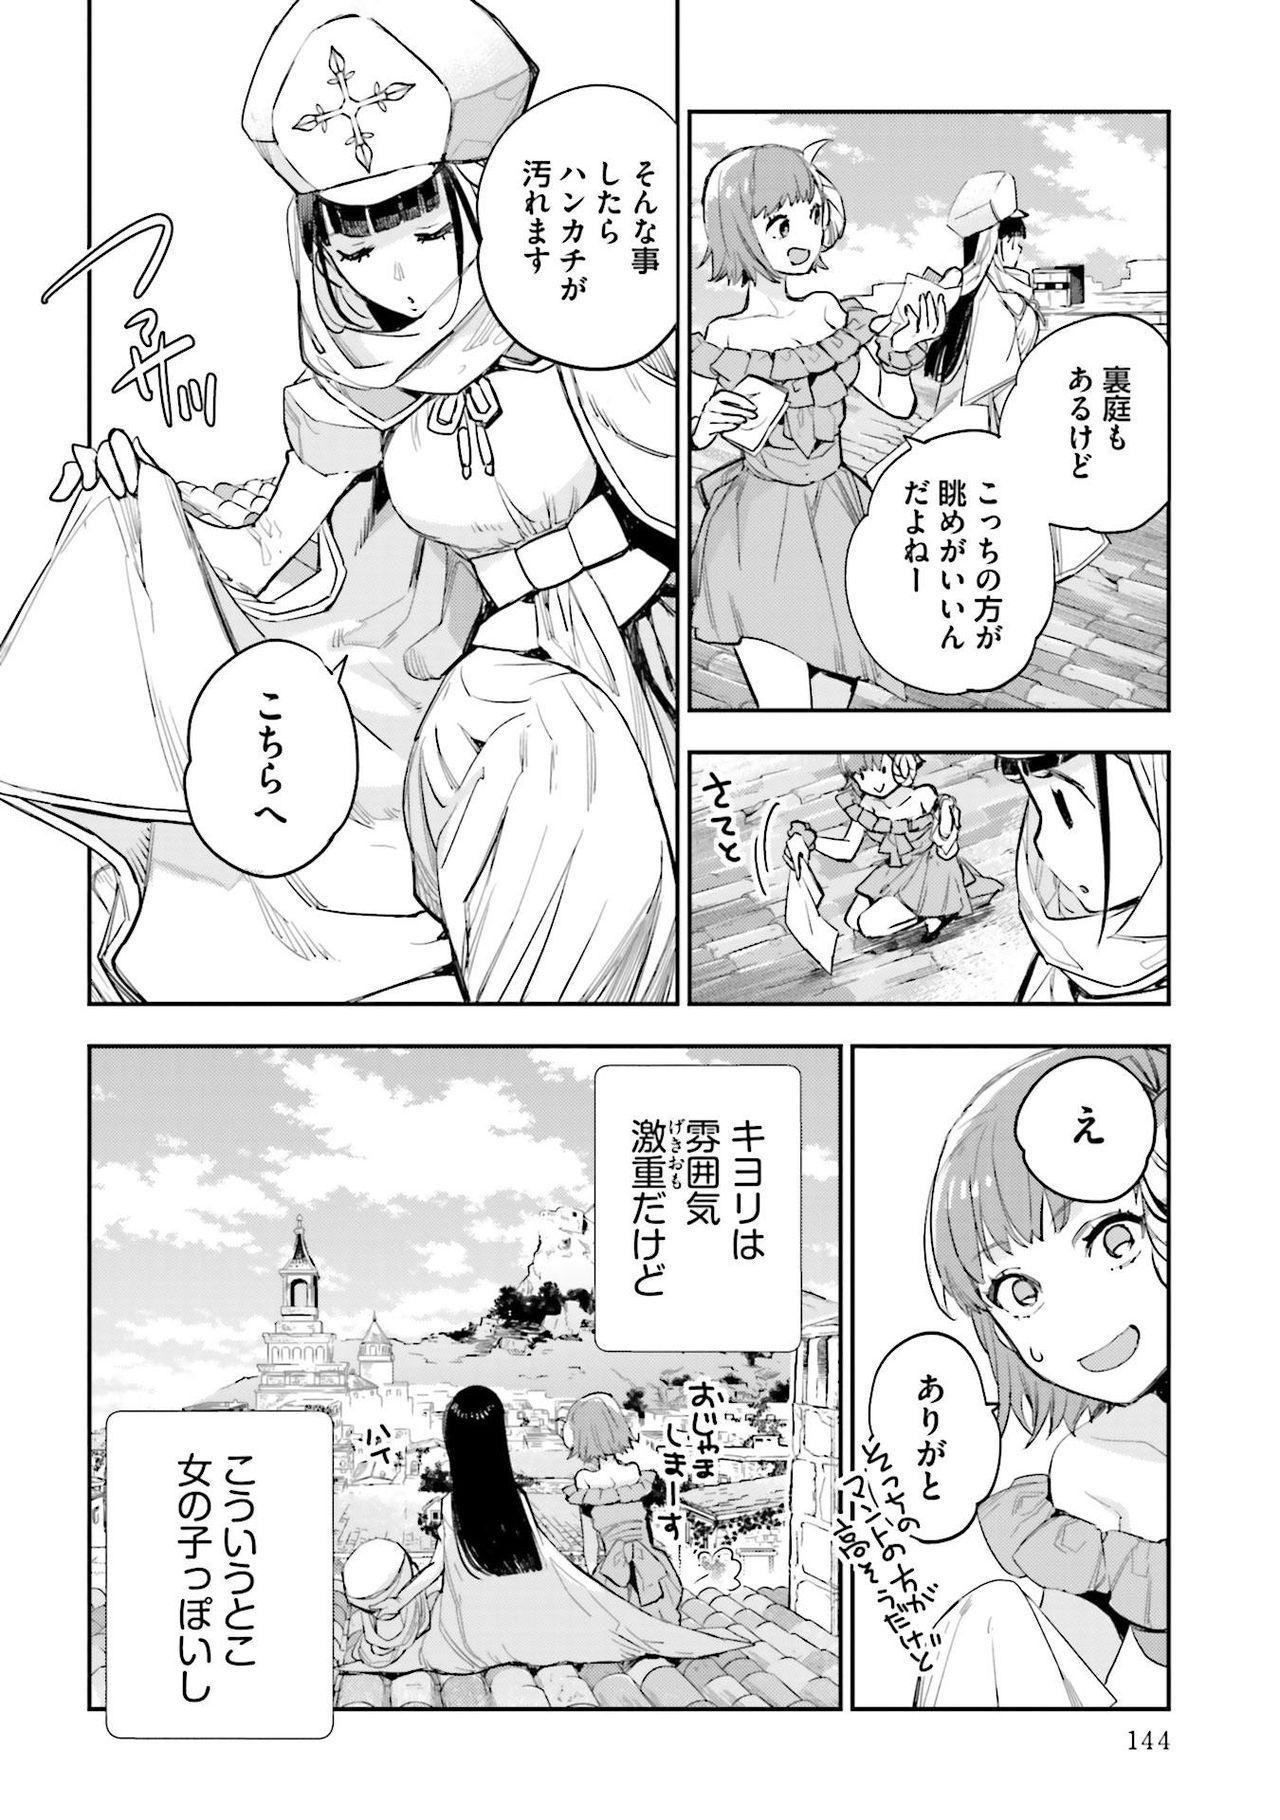 JK Haru wa Isekai de Shoufu ni Natta 1-14 503